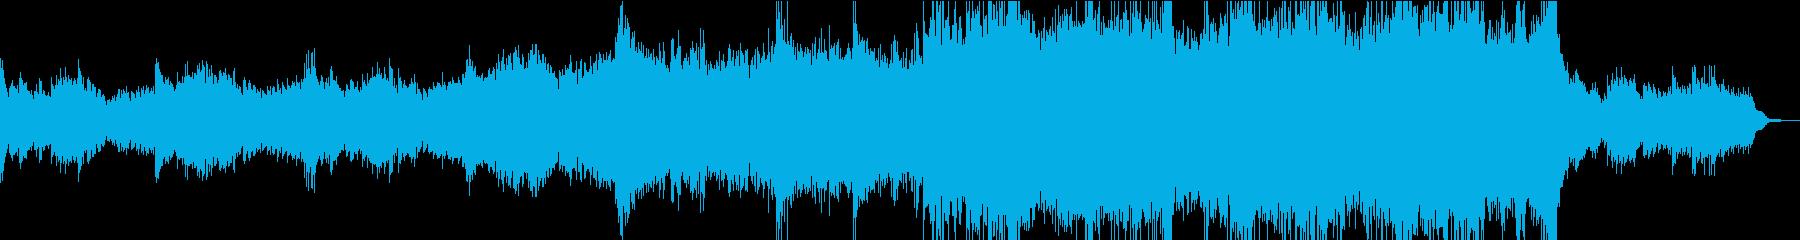 ピアノのシーケンスから盛り上がる曲の再生済みの波形